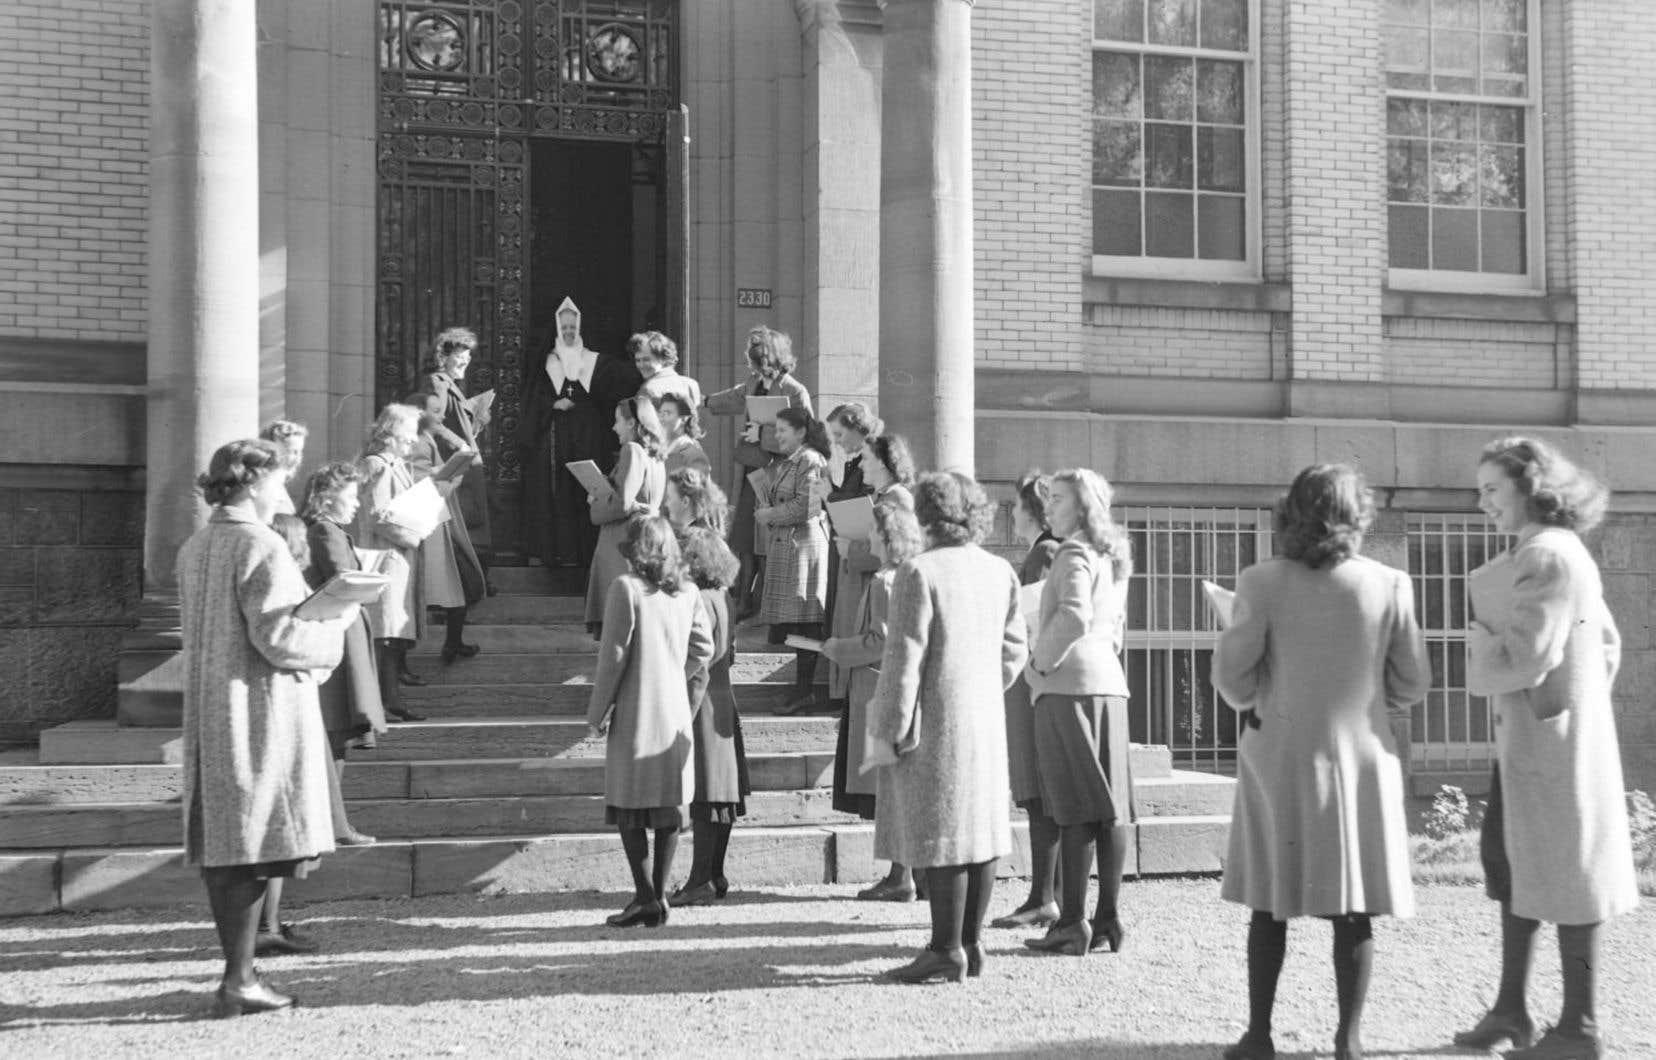 Une religieuse de la Congrégation de Notre-Dame accueille des jeunes filles à l'entrée de l'École normale Jacques-Cartier de la rue Sherbrooke ouest à Montréal.